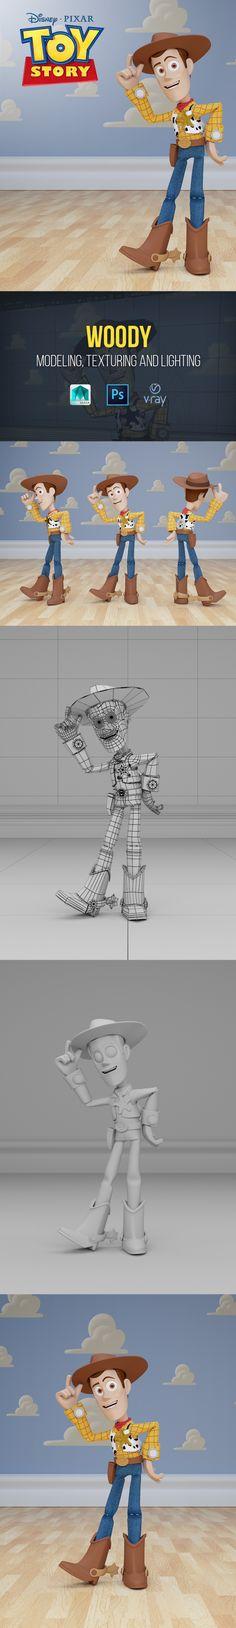 Woody Cartoon | Toy Story